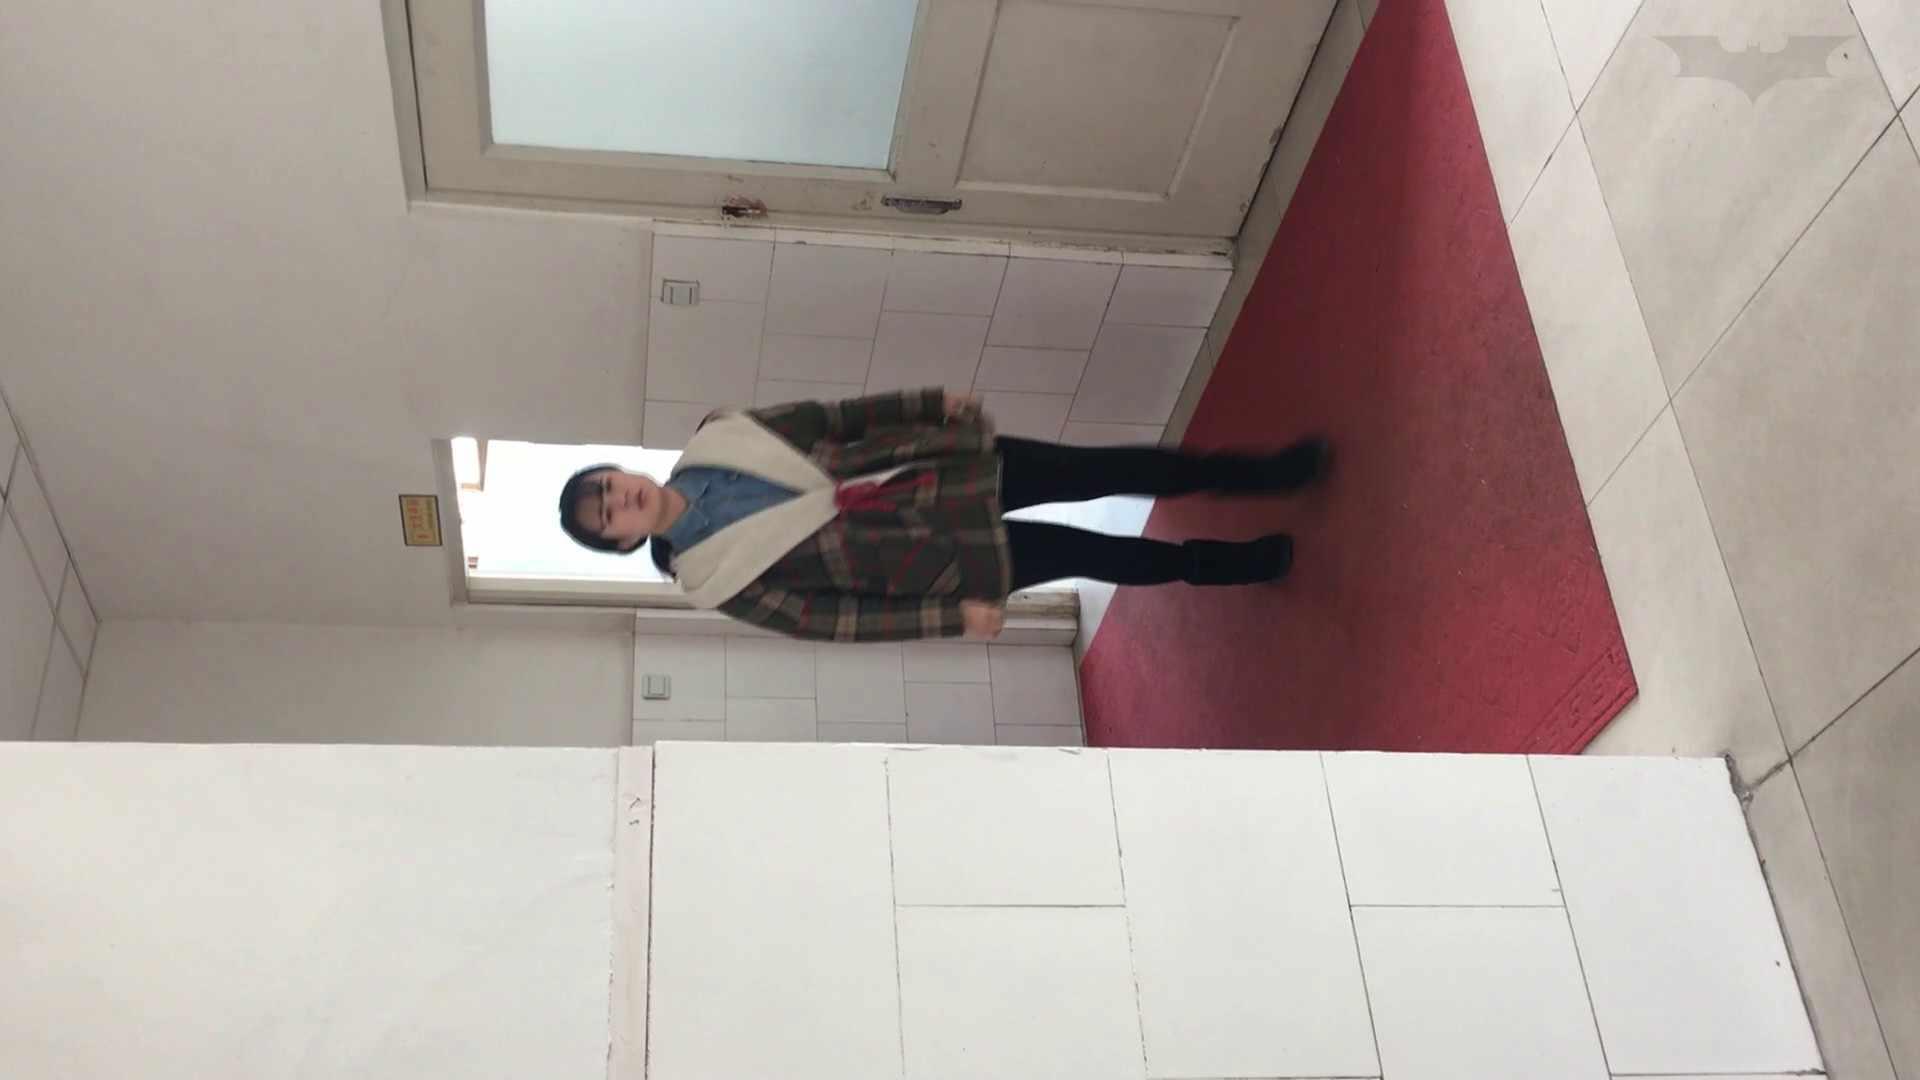 芸術大学ガチ潜入盗撮 JD盗撮 美女の洗面所の秘密 Vol.91 トイレの中の女の子 おまんこ動画流出 54連発 27